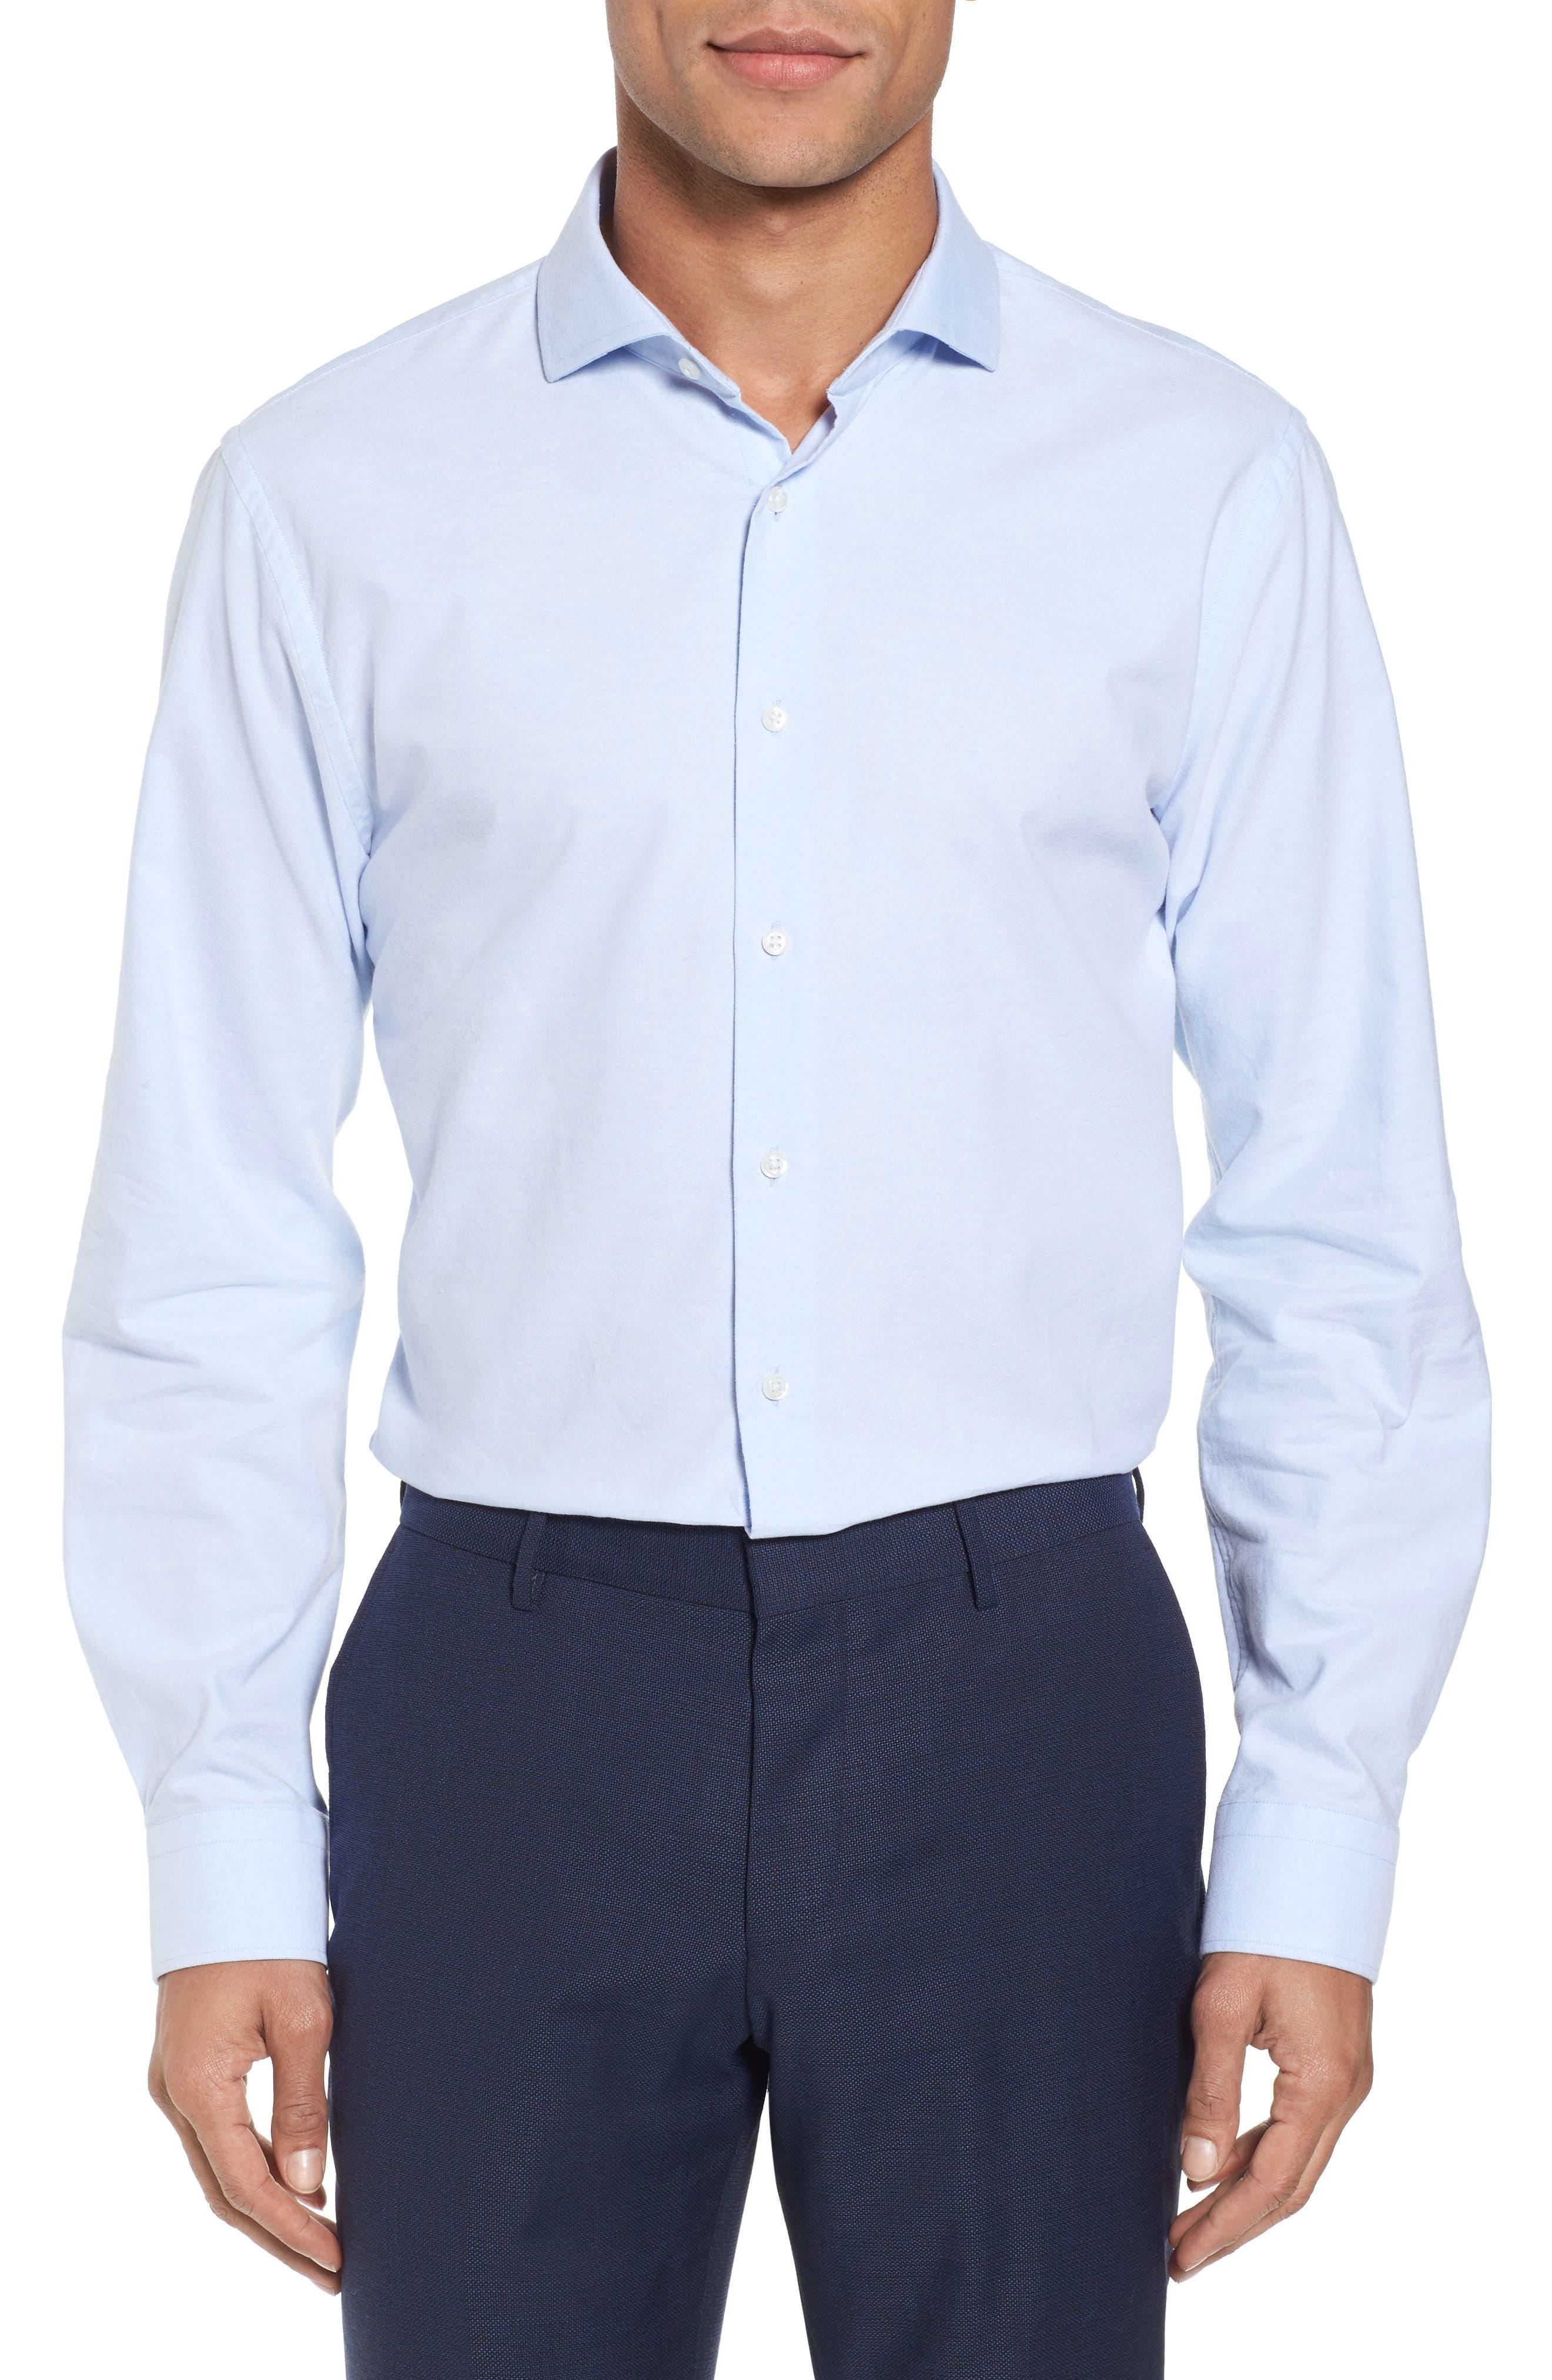 Trim Fit Patterned Dress Shirt,                         Main,                         color,